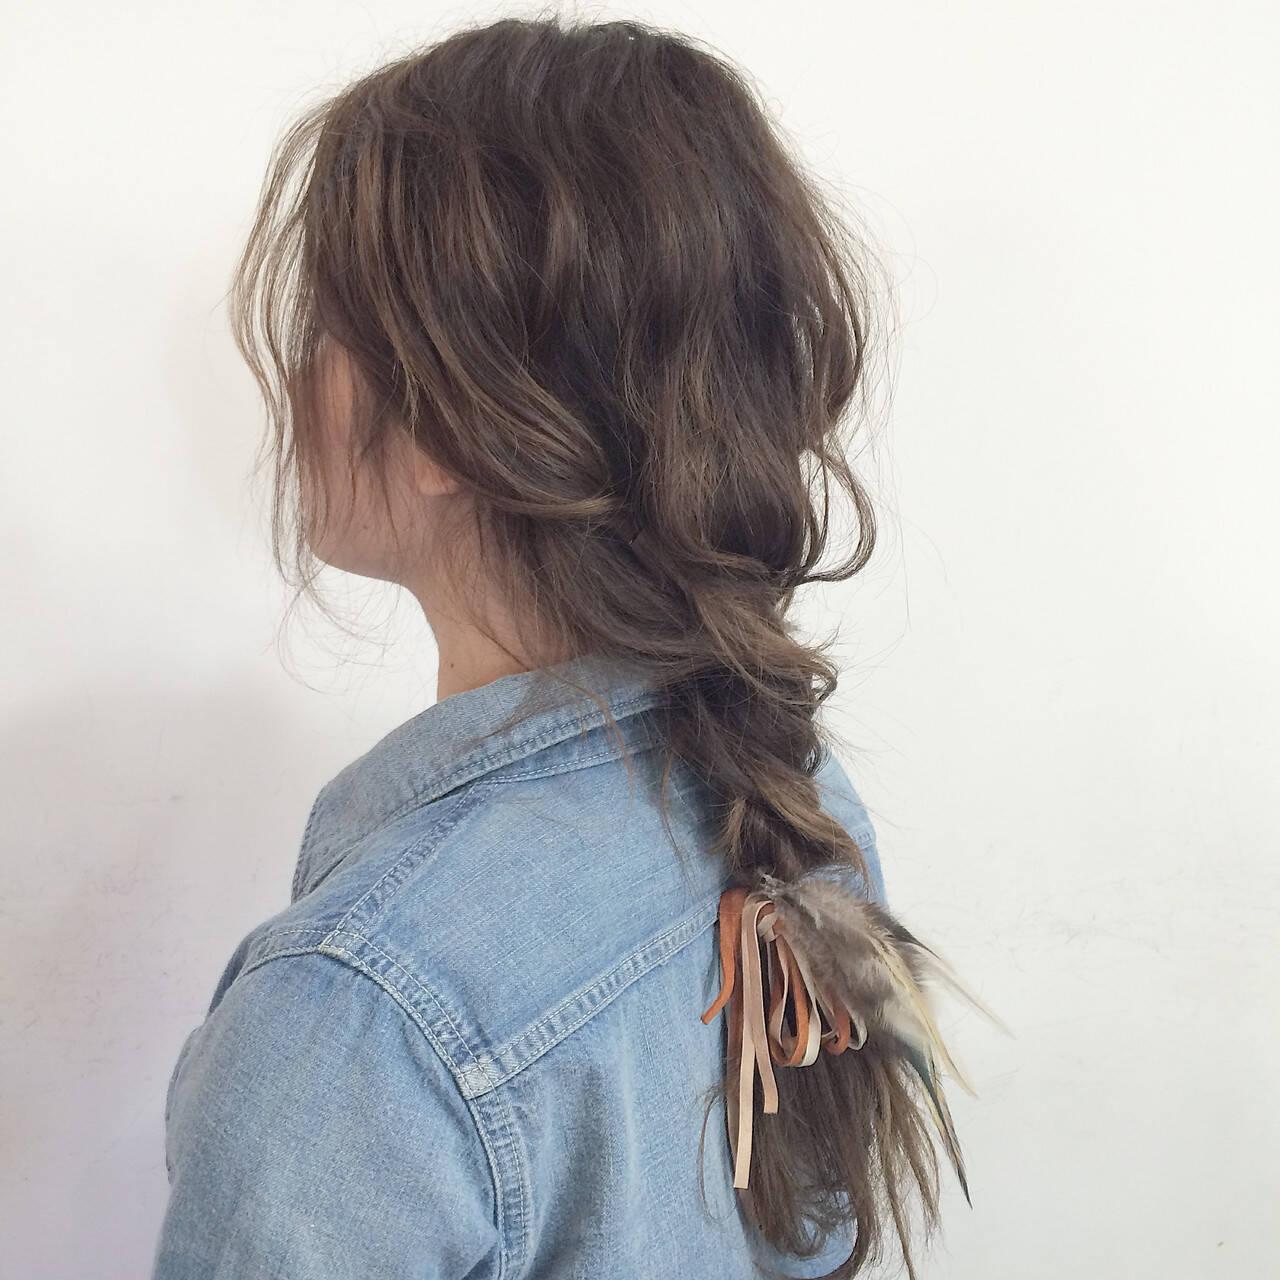 アンニュイほつれヘア デート 簡単ヘアアレンジ セミロングヘアスタイルや髪型の写真・画像